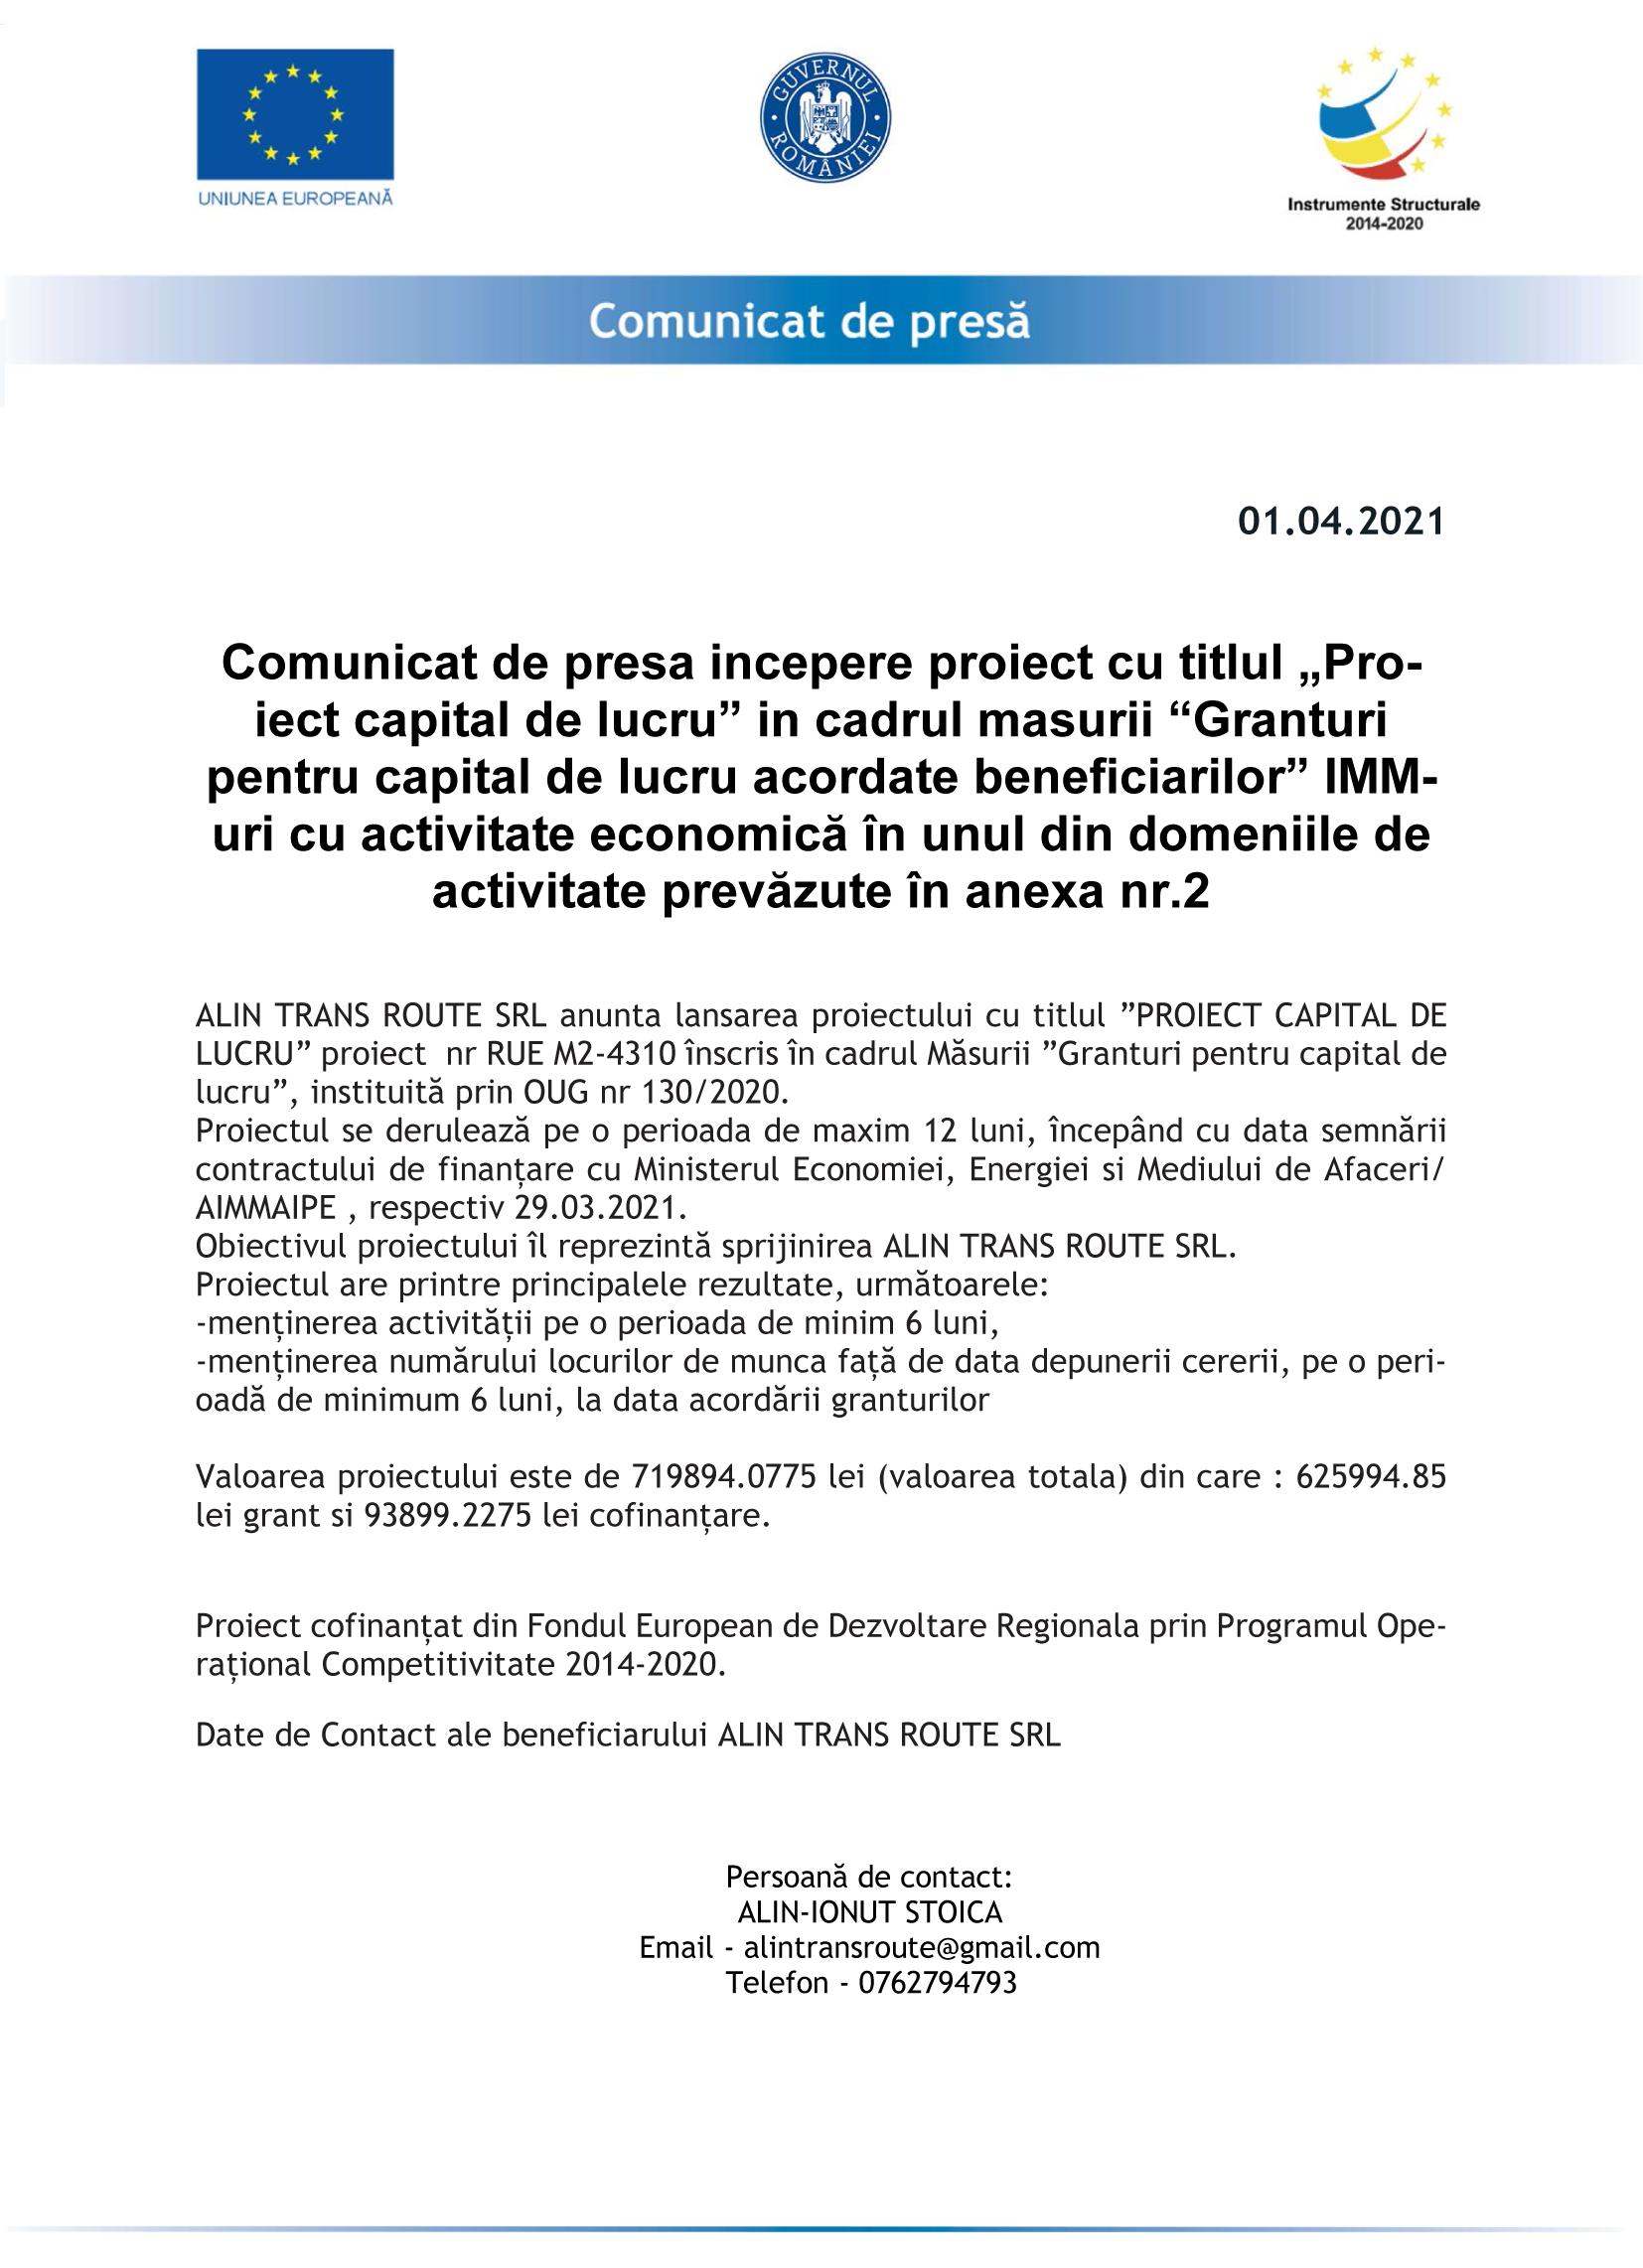 MODEL-Comunicat_de_Presa_benef-finali---INCEPERE